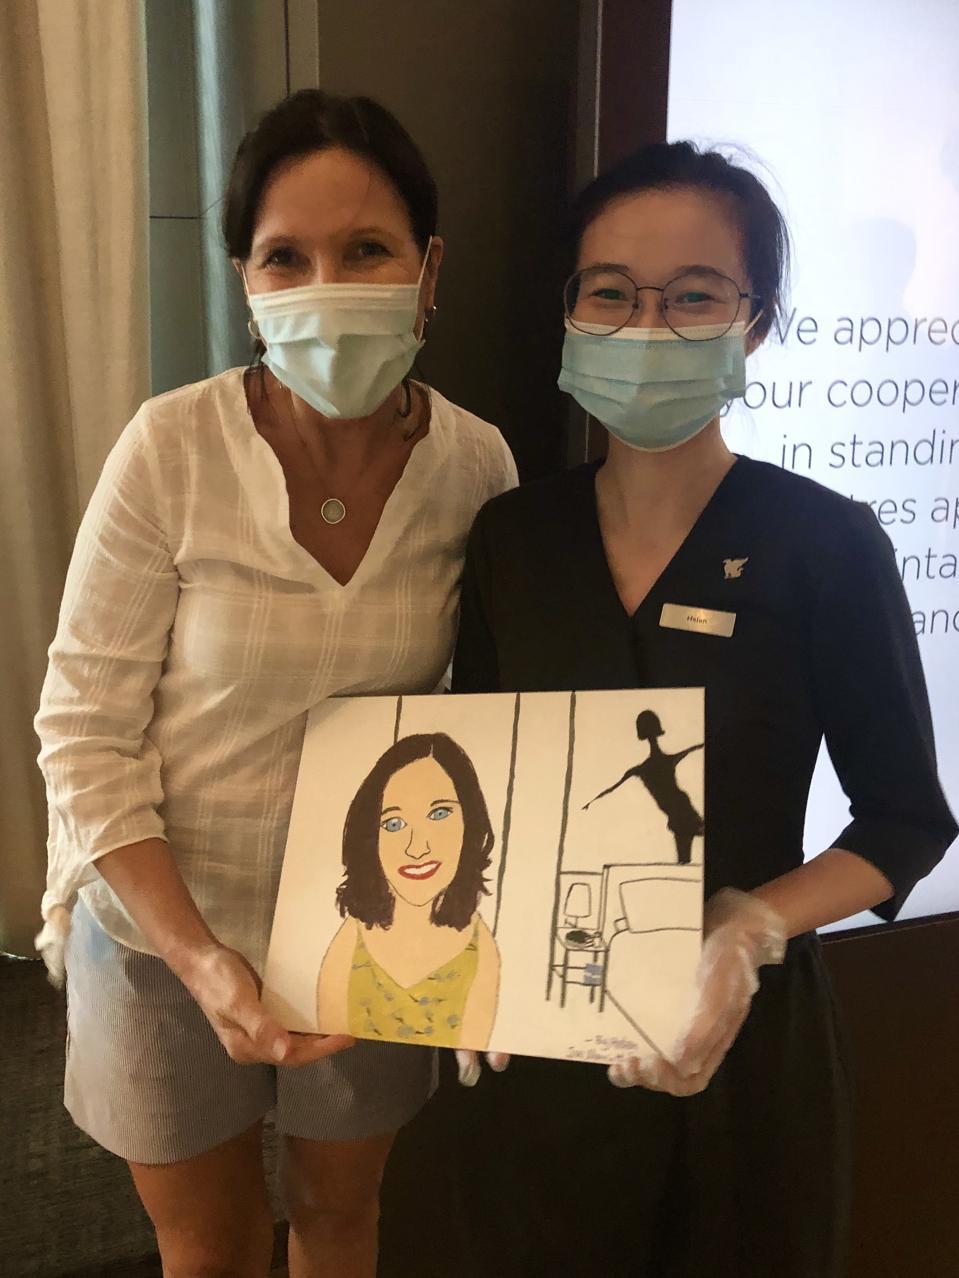 Margie Warrell receives a portrait from Marriott Associate. 26 September 2020.